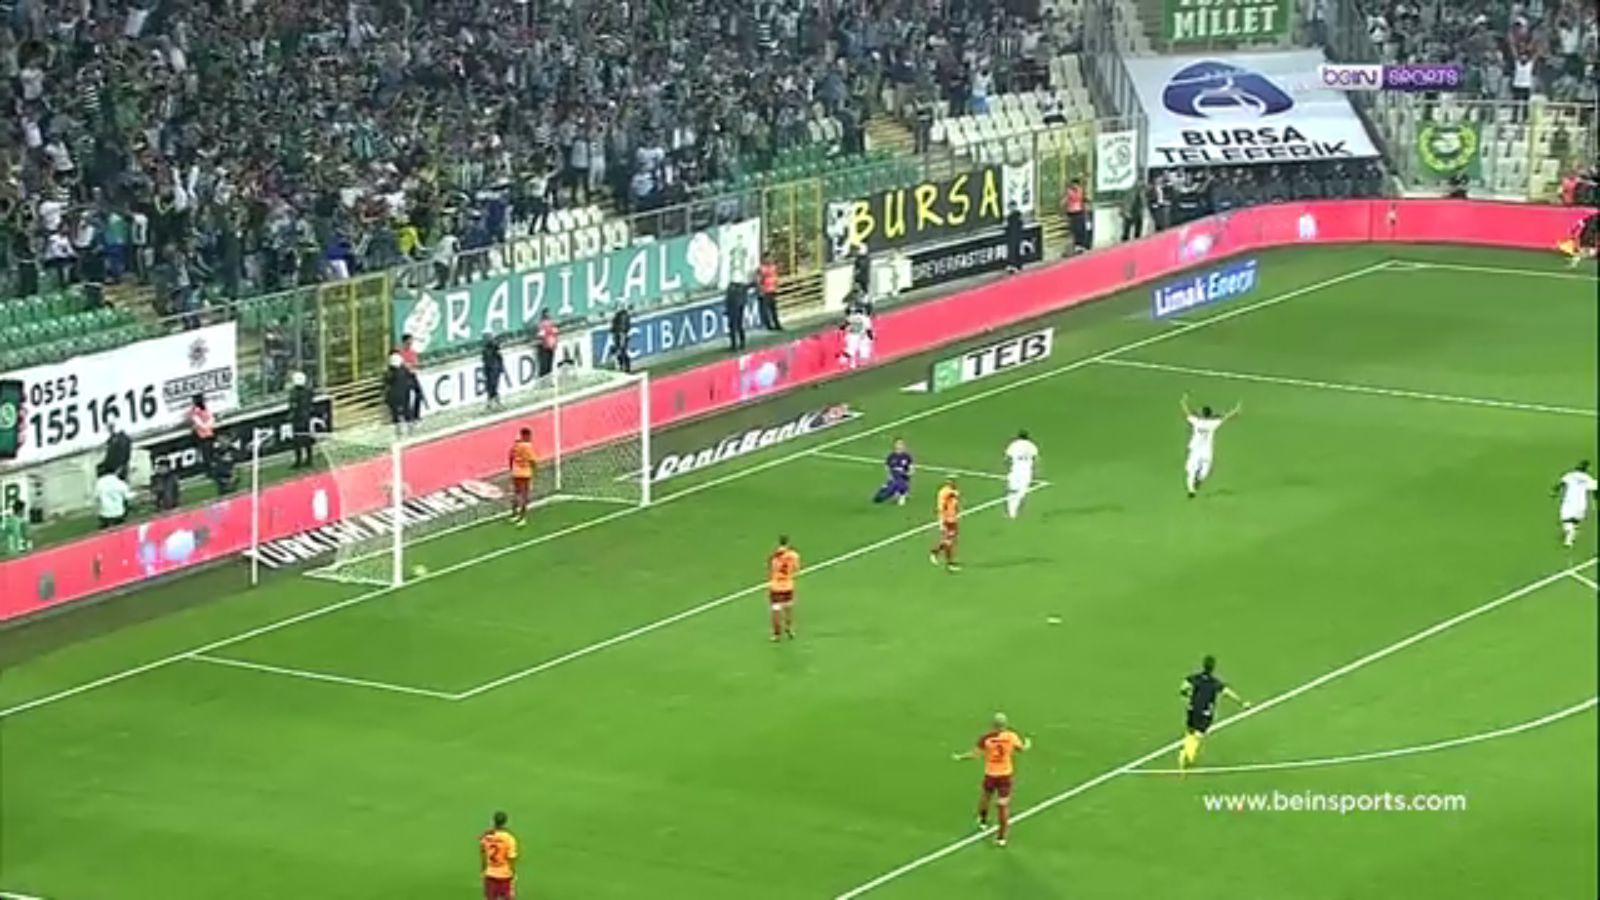 24-09-2017 - Bursaspor 1-2 Galatasaray